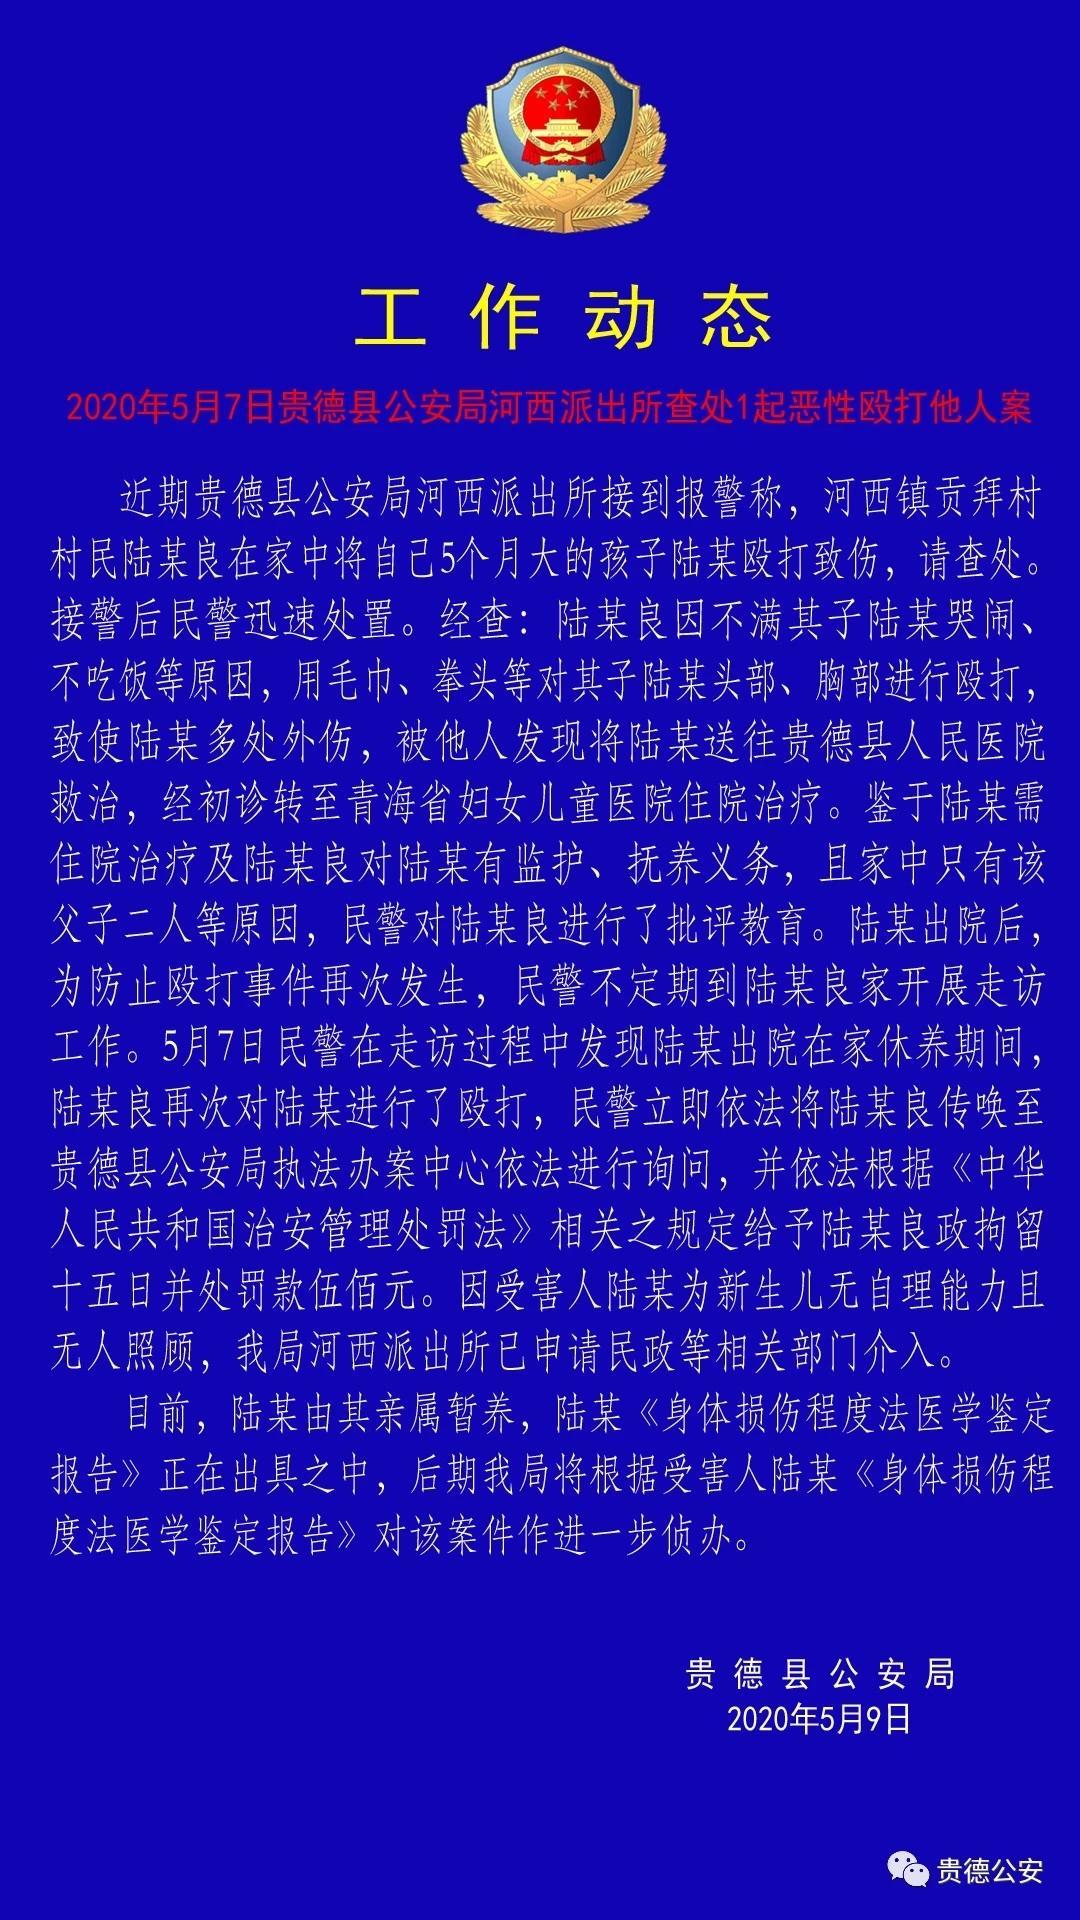 青海男子把5个月儿子打至住院 当地检察院已批捕